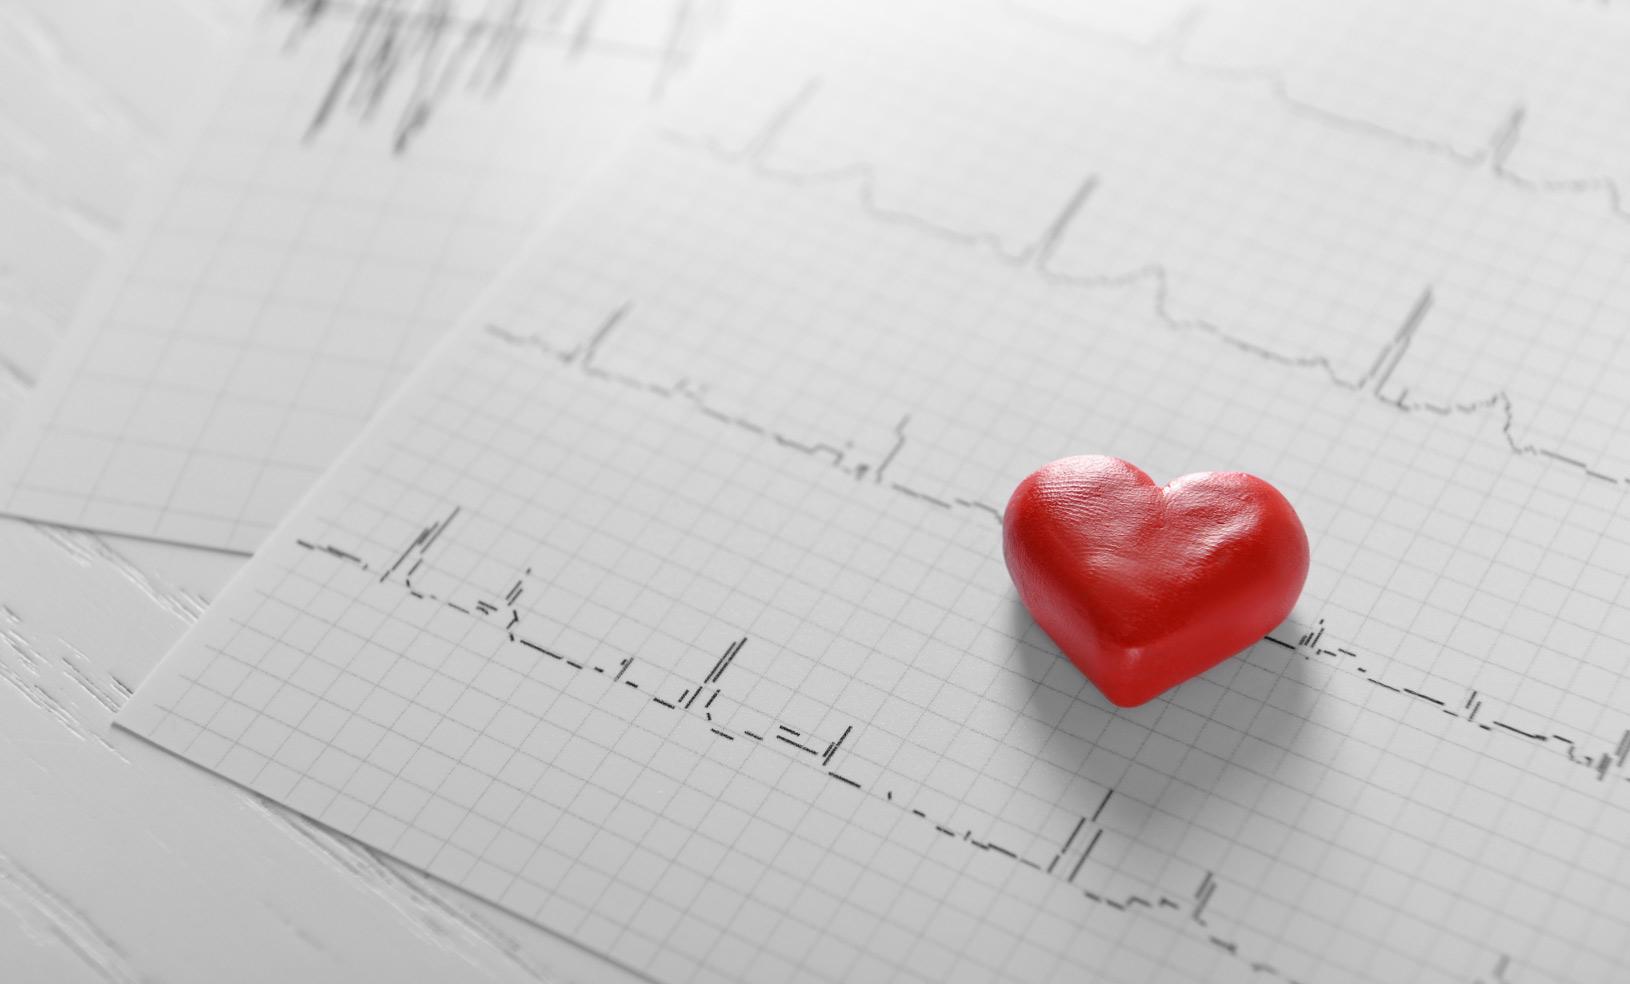 Atividade física é fundamental para reabilitação cardíaca | Atitude CRAFT |  Alto da Lapa | São Paulo